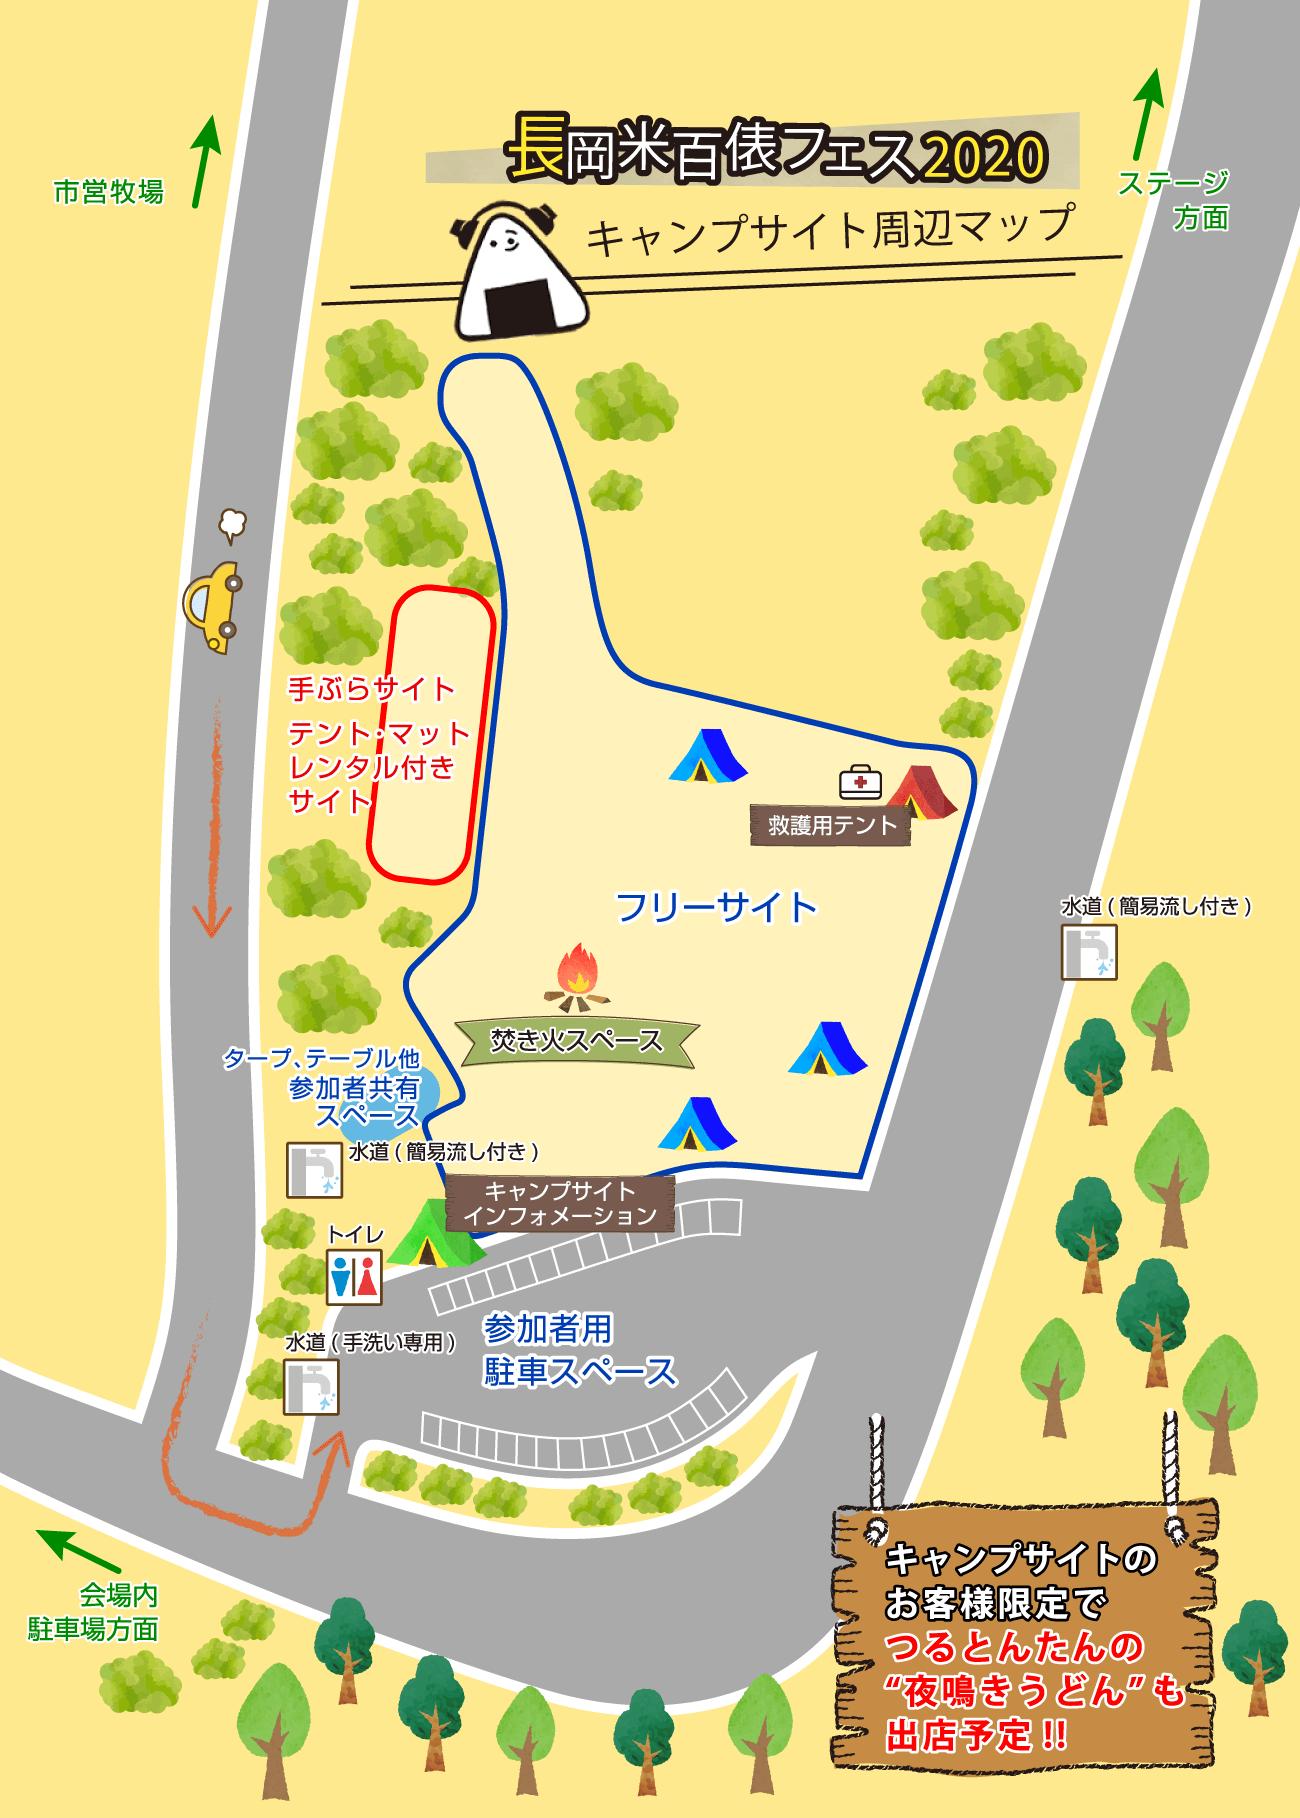 米フェス2020キャンプMAP